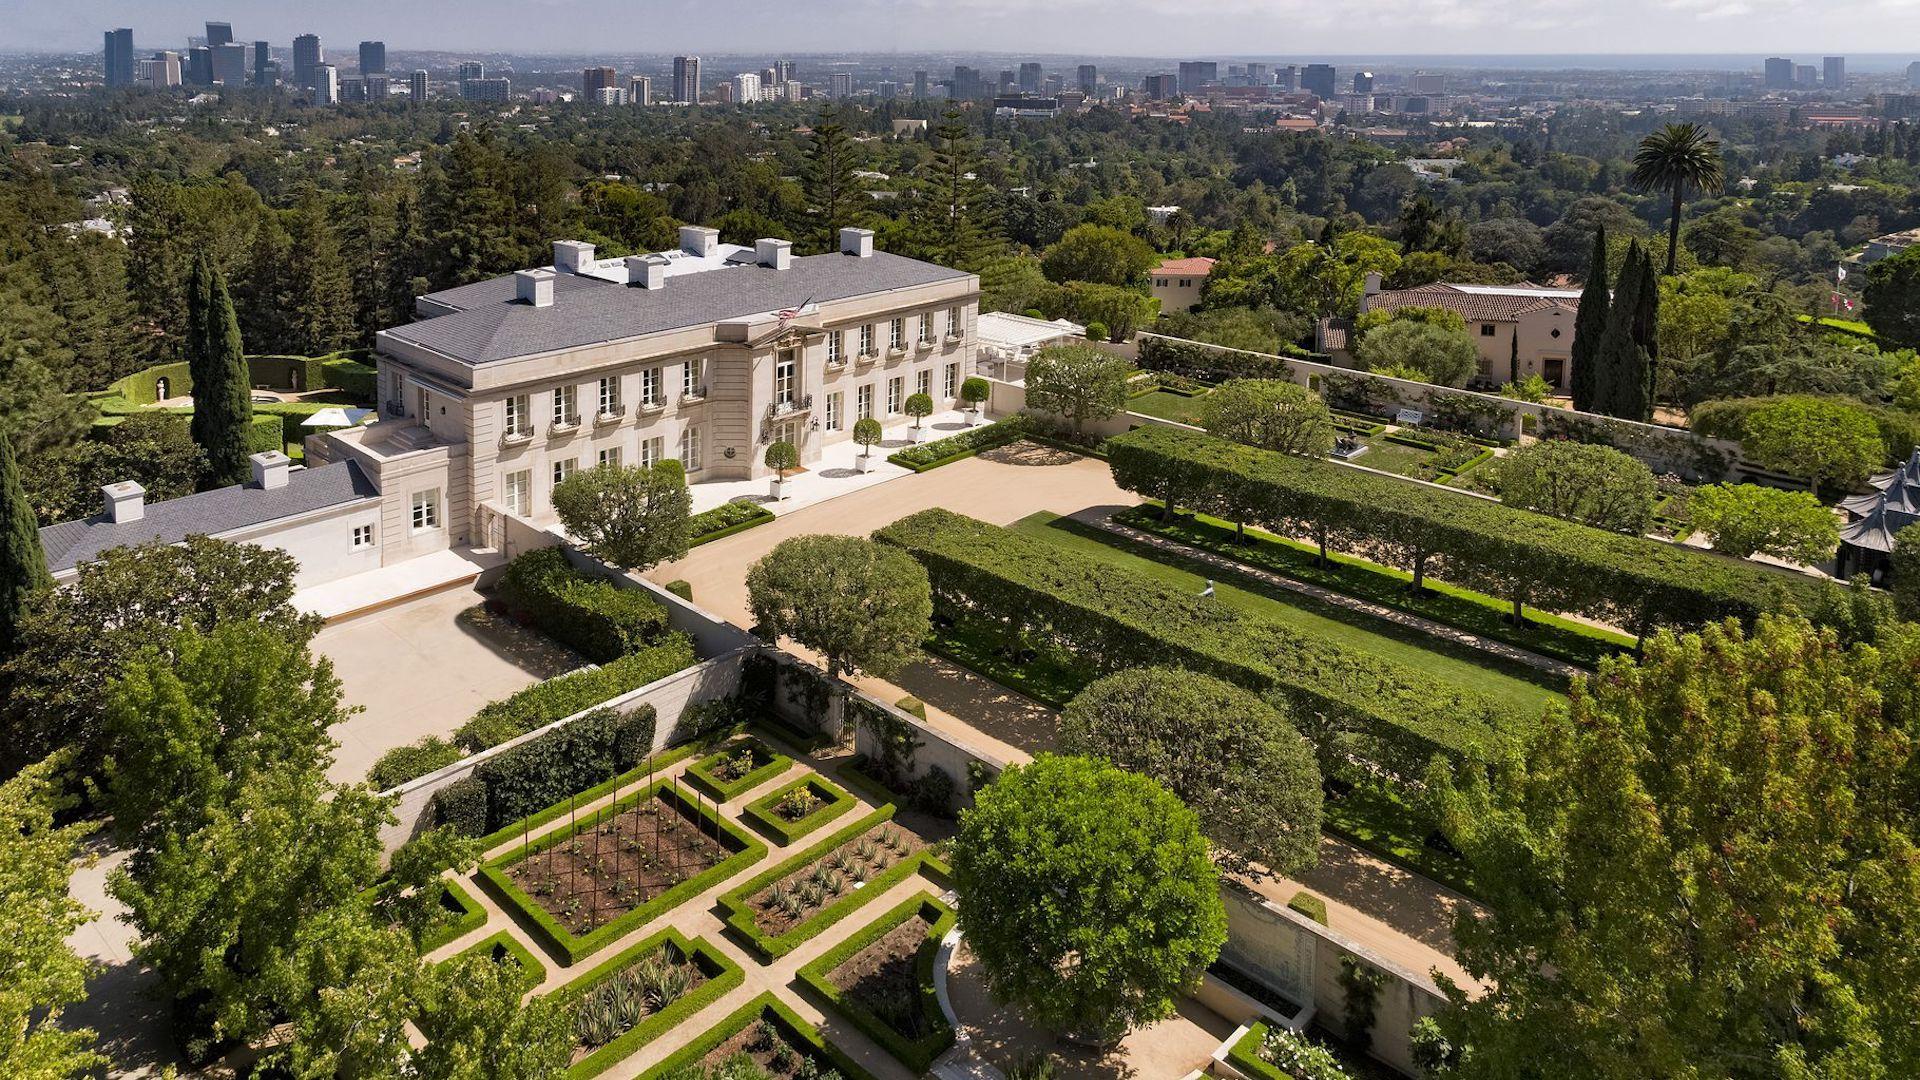 Esta es la mansión más cara de Estados Unidos. ¿Cuánto cuesta?